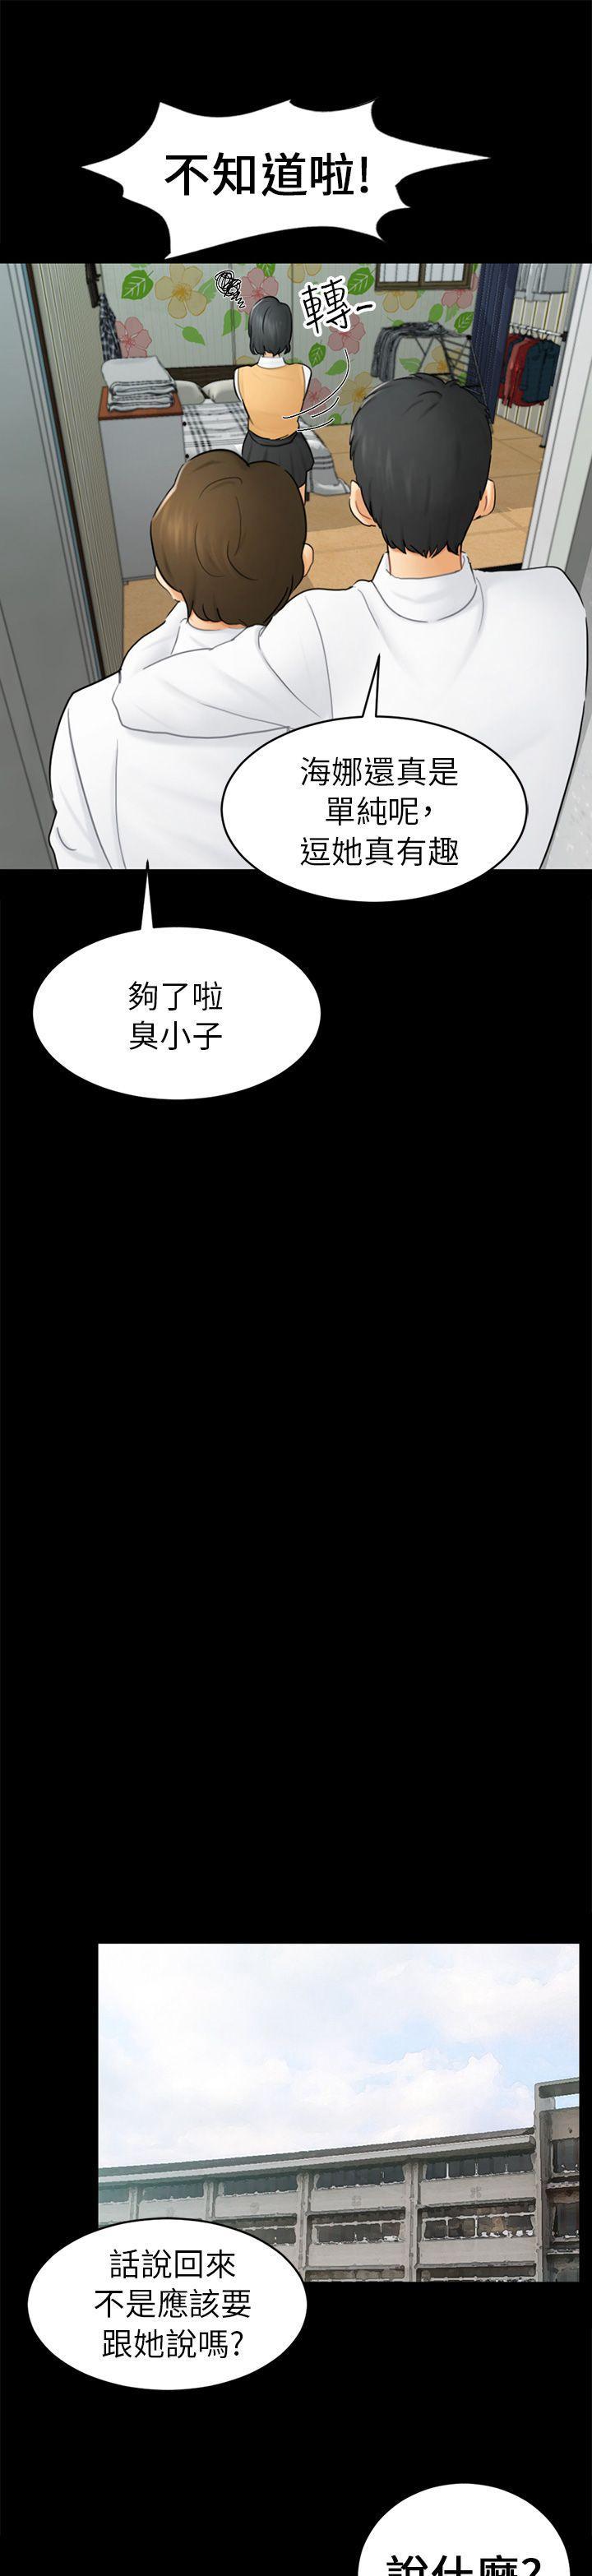 騙局-第14話 惠允全彩韩漫标签